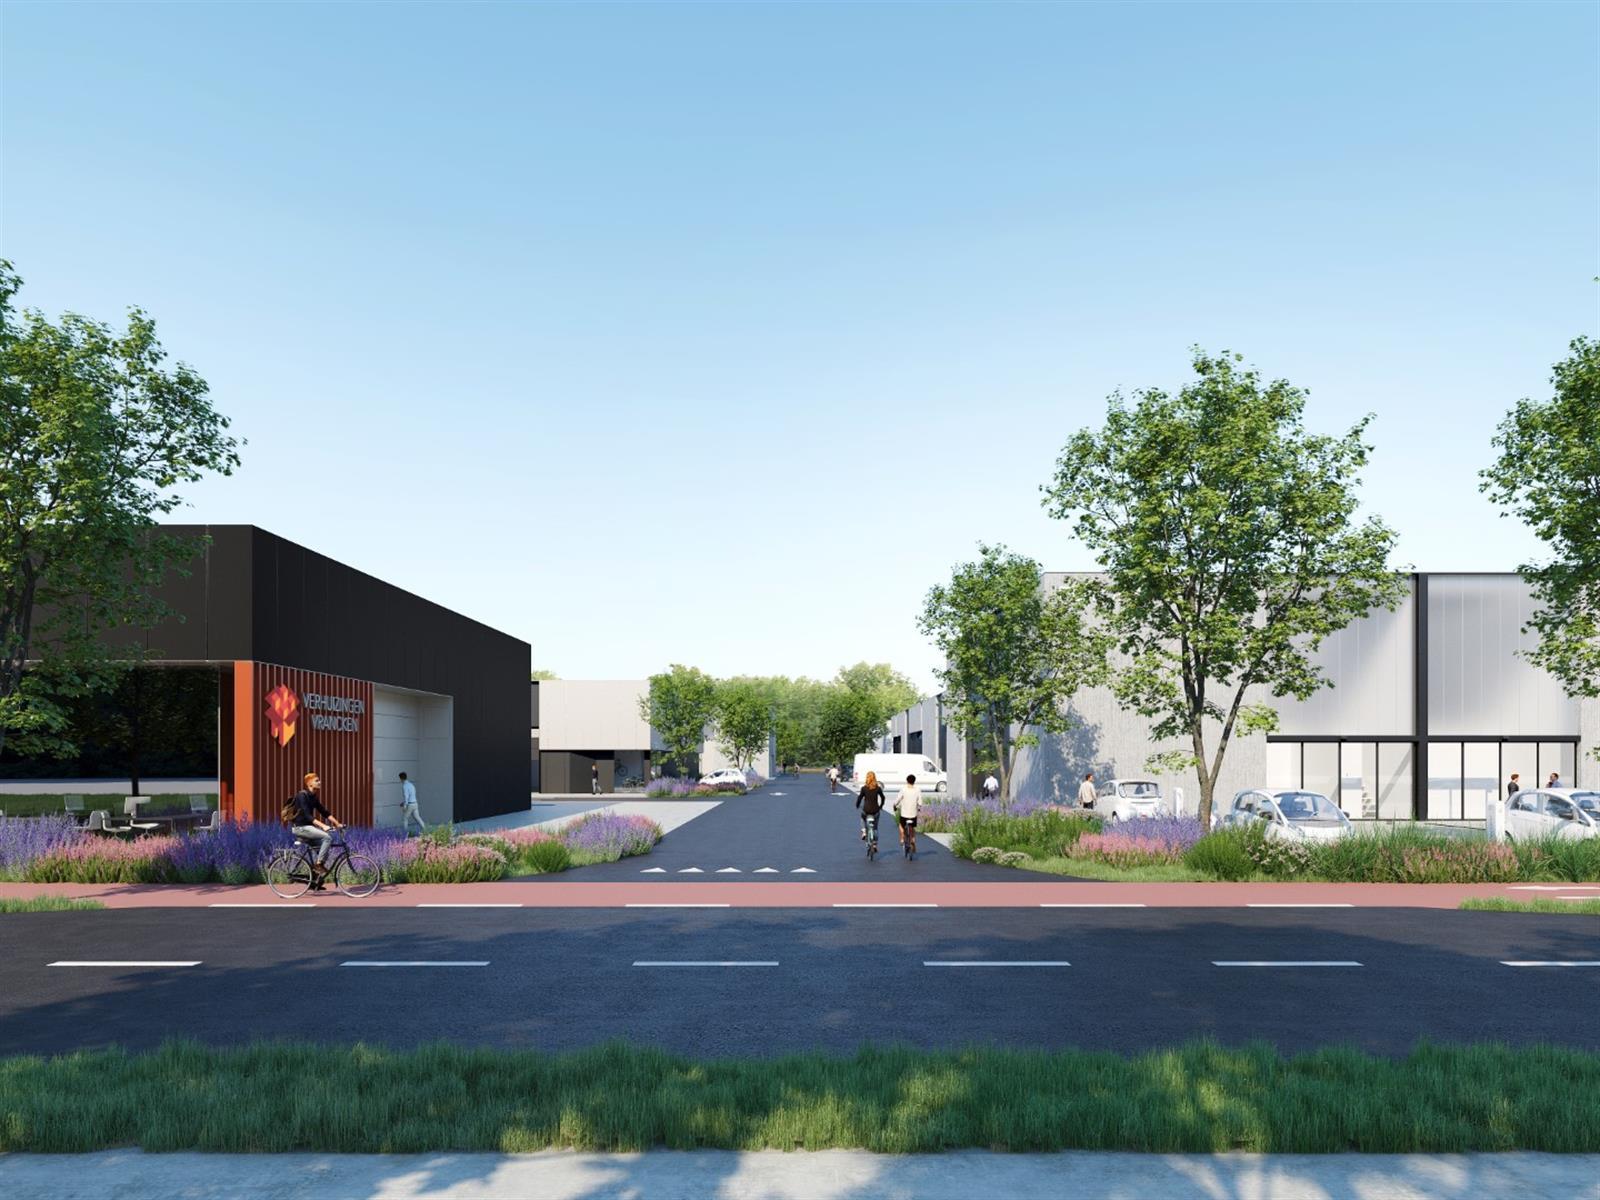 KMO-unit te koop Heros Businesspark KMO Unit 9 - Herkenrodesingel 10, 3500 Hasselt, België 5